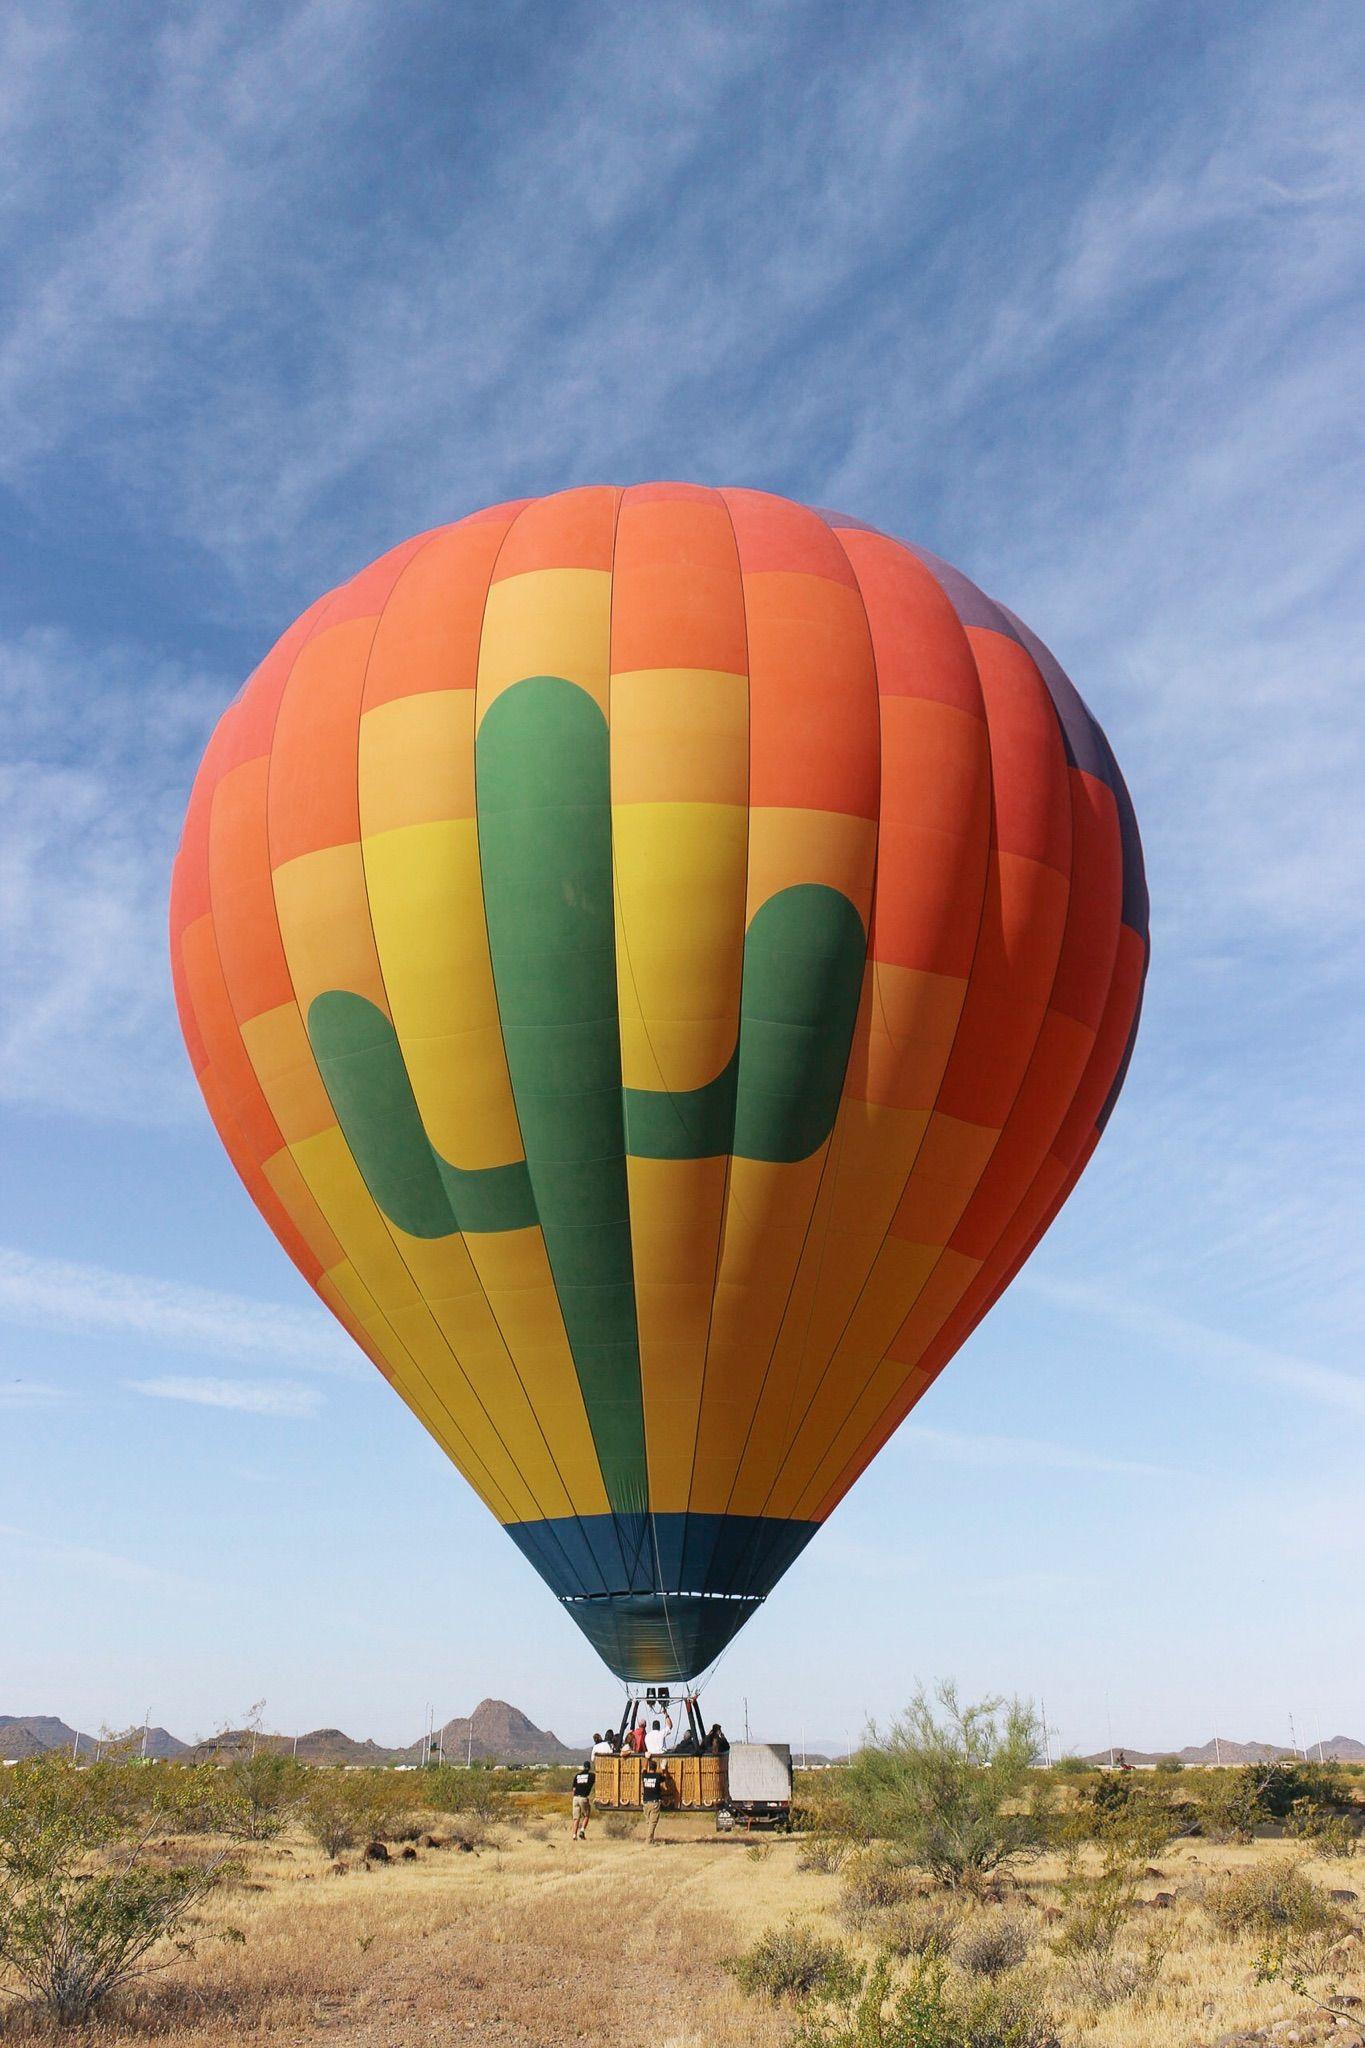 A Sunrise Hot Air Balloon Ride (+ an aviation history